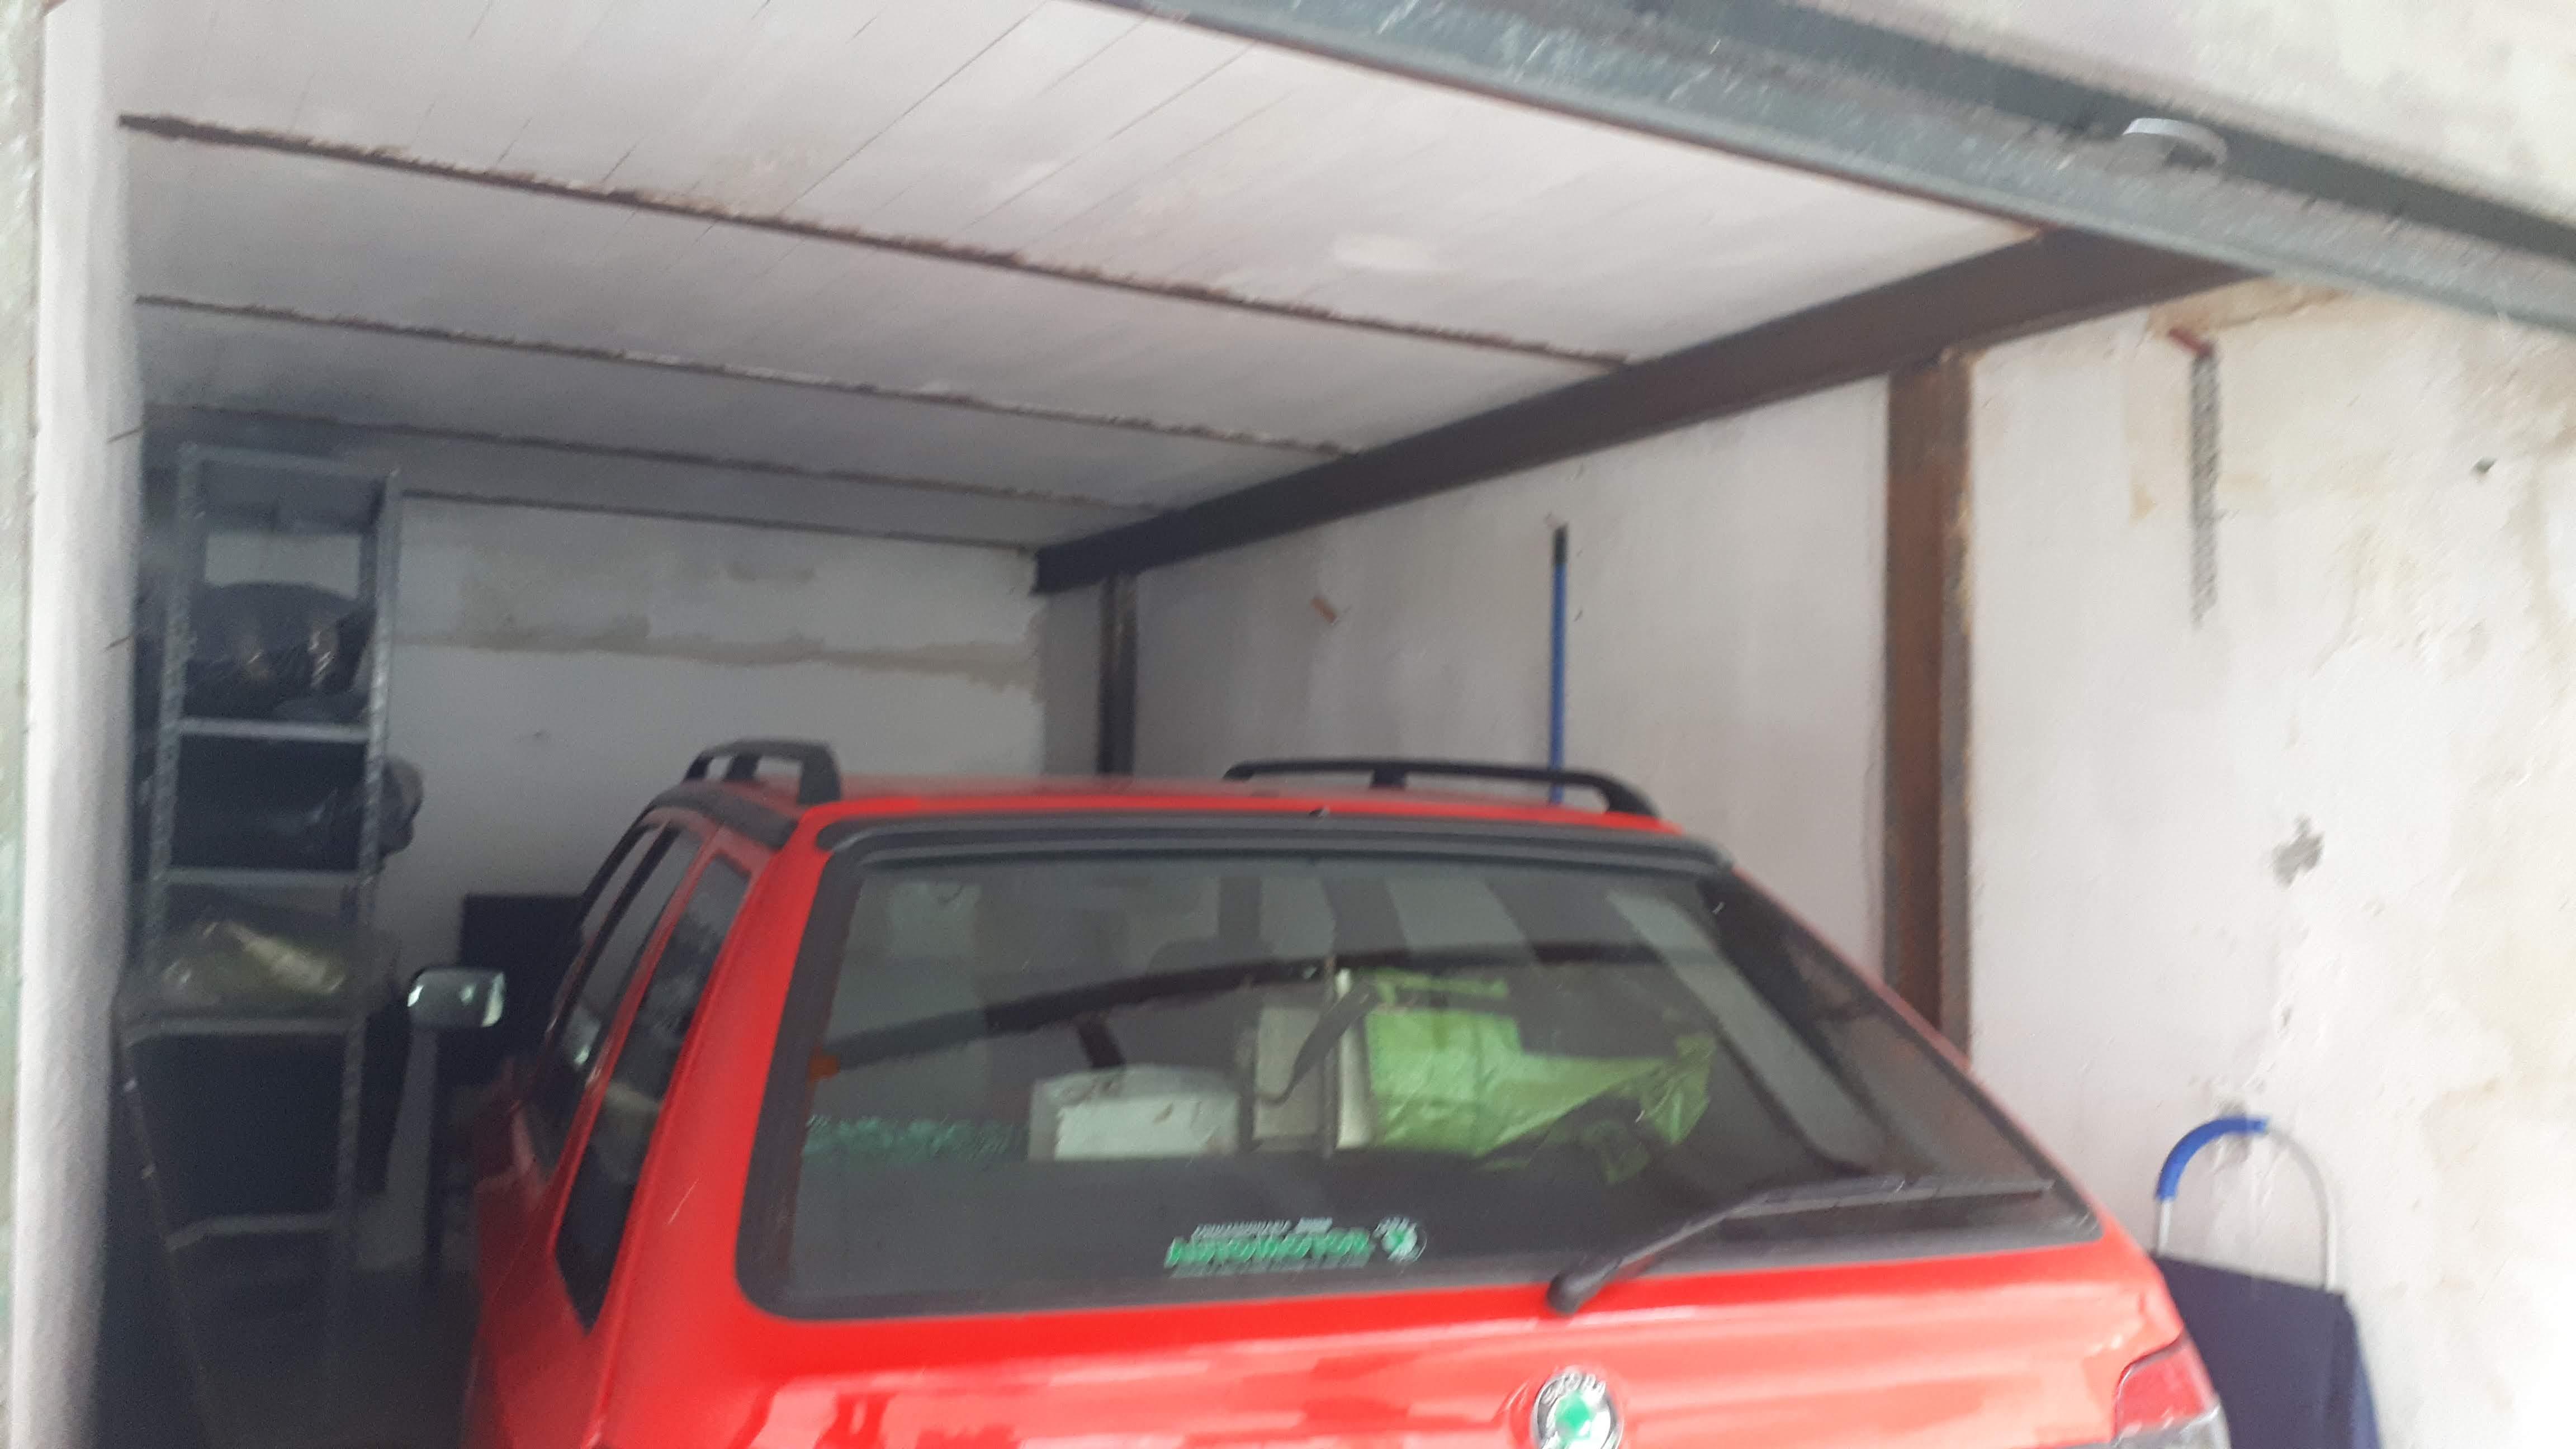 VENDESI BOX AUTO IN VIA F.ARNALDI ,PIANURA,NAPOLI CODICE VB-4